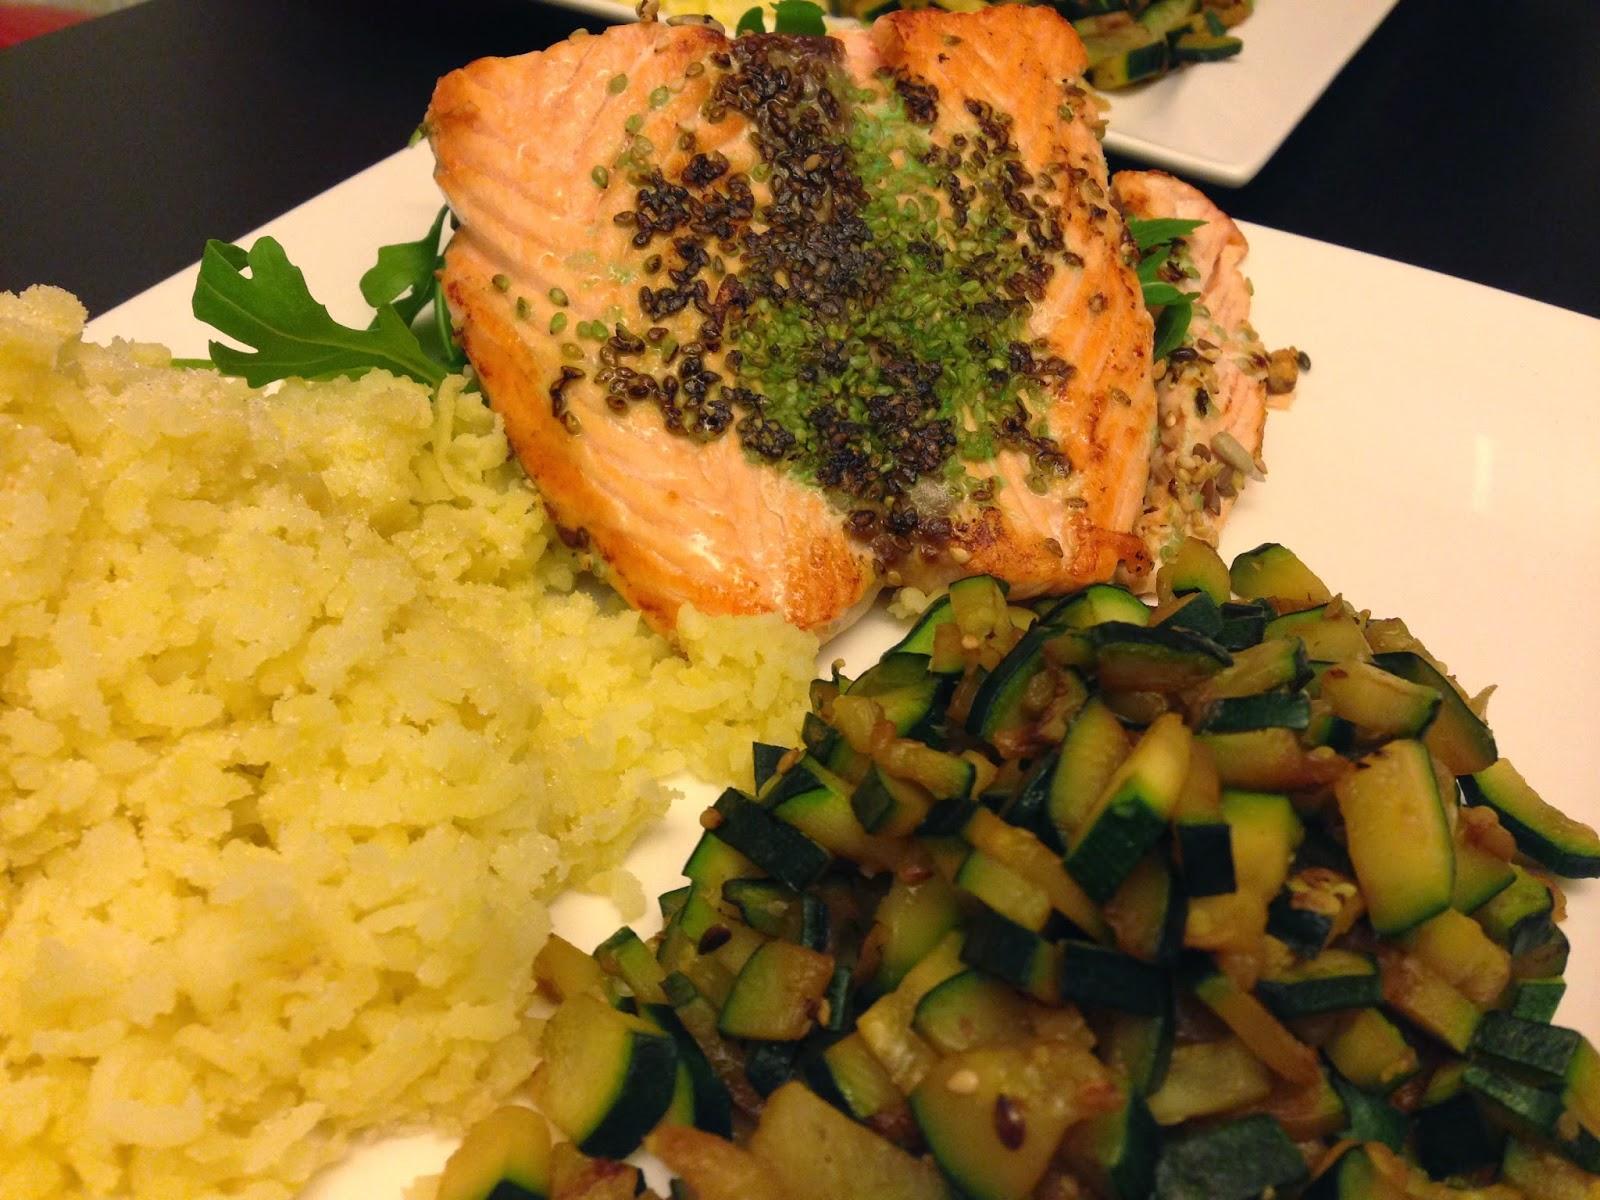 senza bimby, salmone ai semi, patate schiacciate, rucola e tartare di zucchine